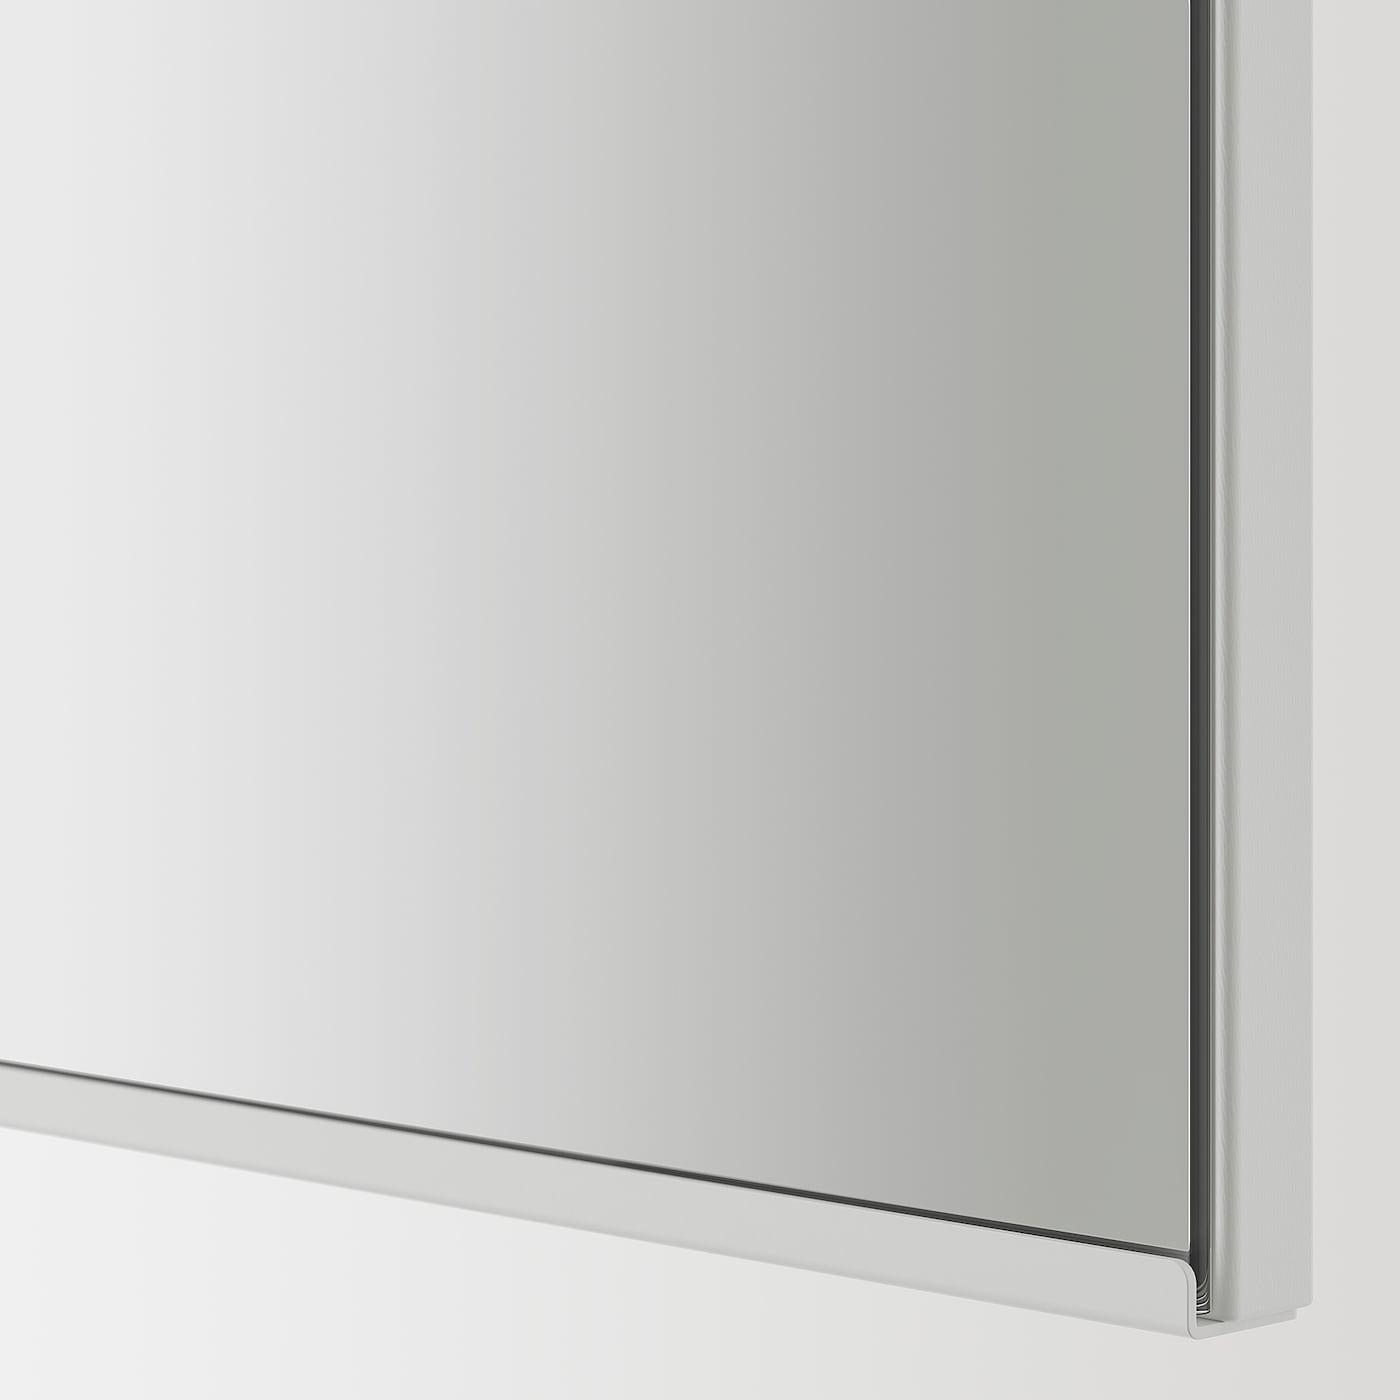 ENHET Tükrös szekrény 2 ajtóval, szürke, 60x17x75 cm